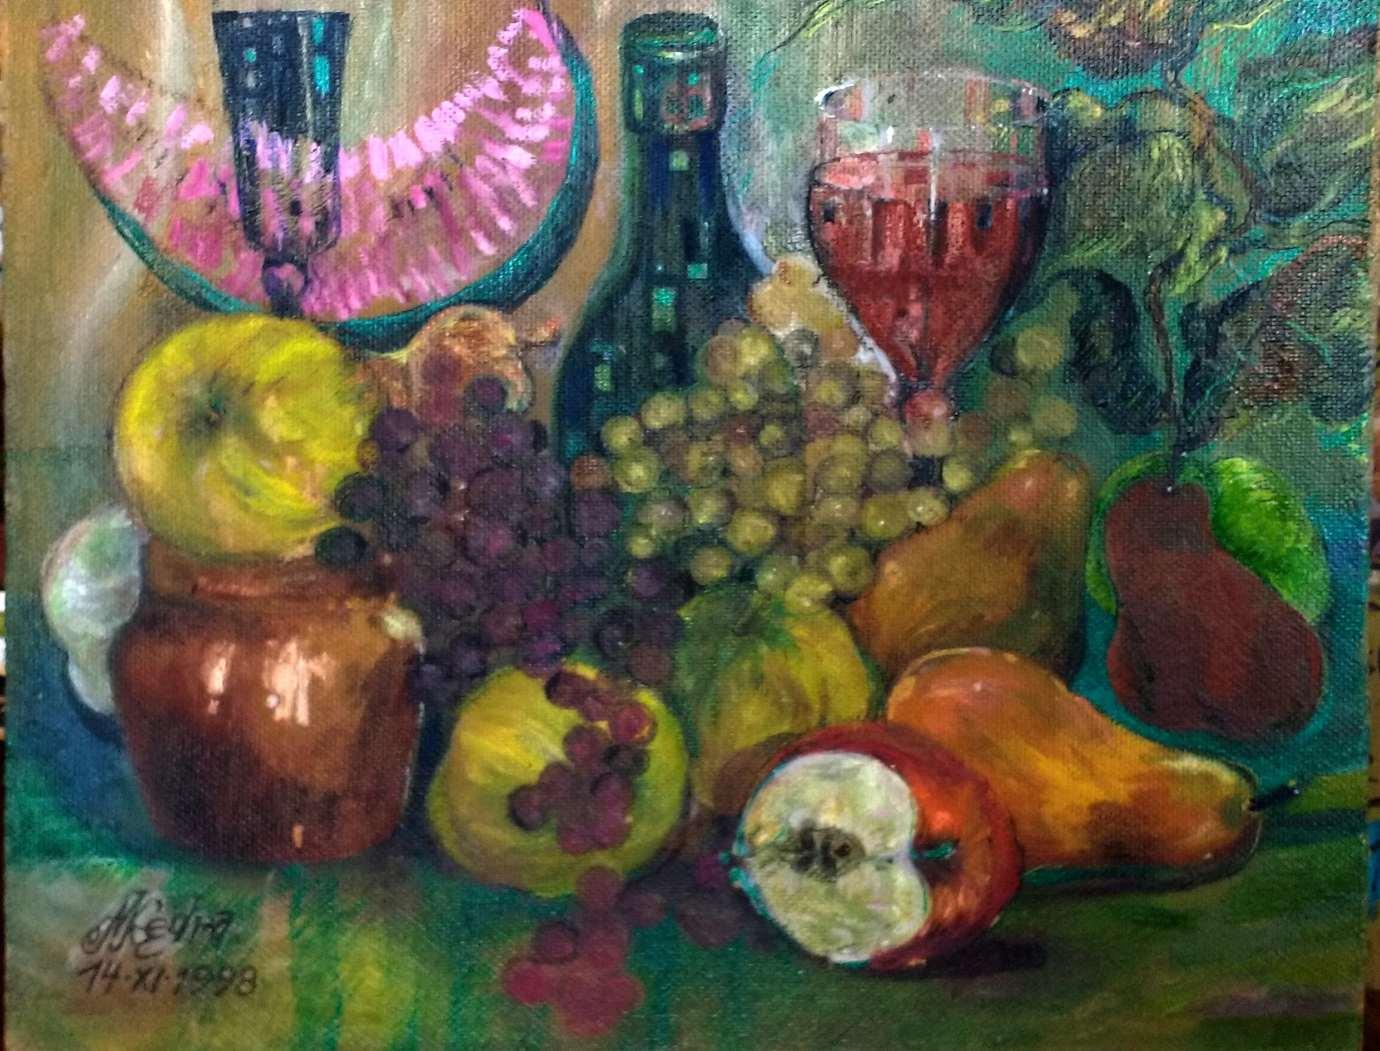 m kedra fot janusz zimon 6 Marian Kędra - malarstwo zanurzone w kolorze